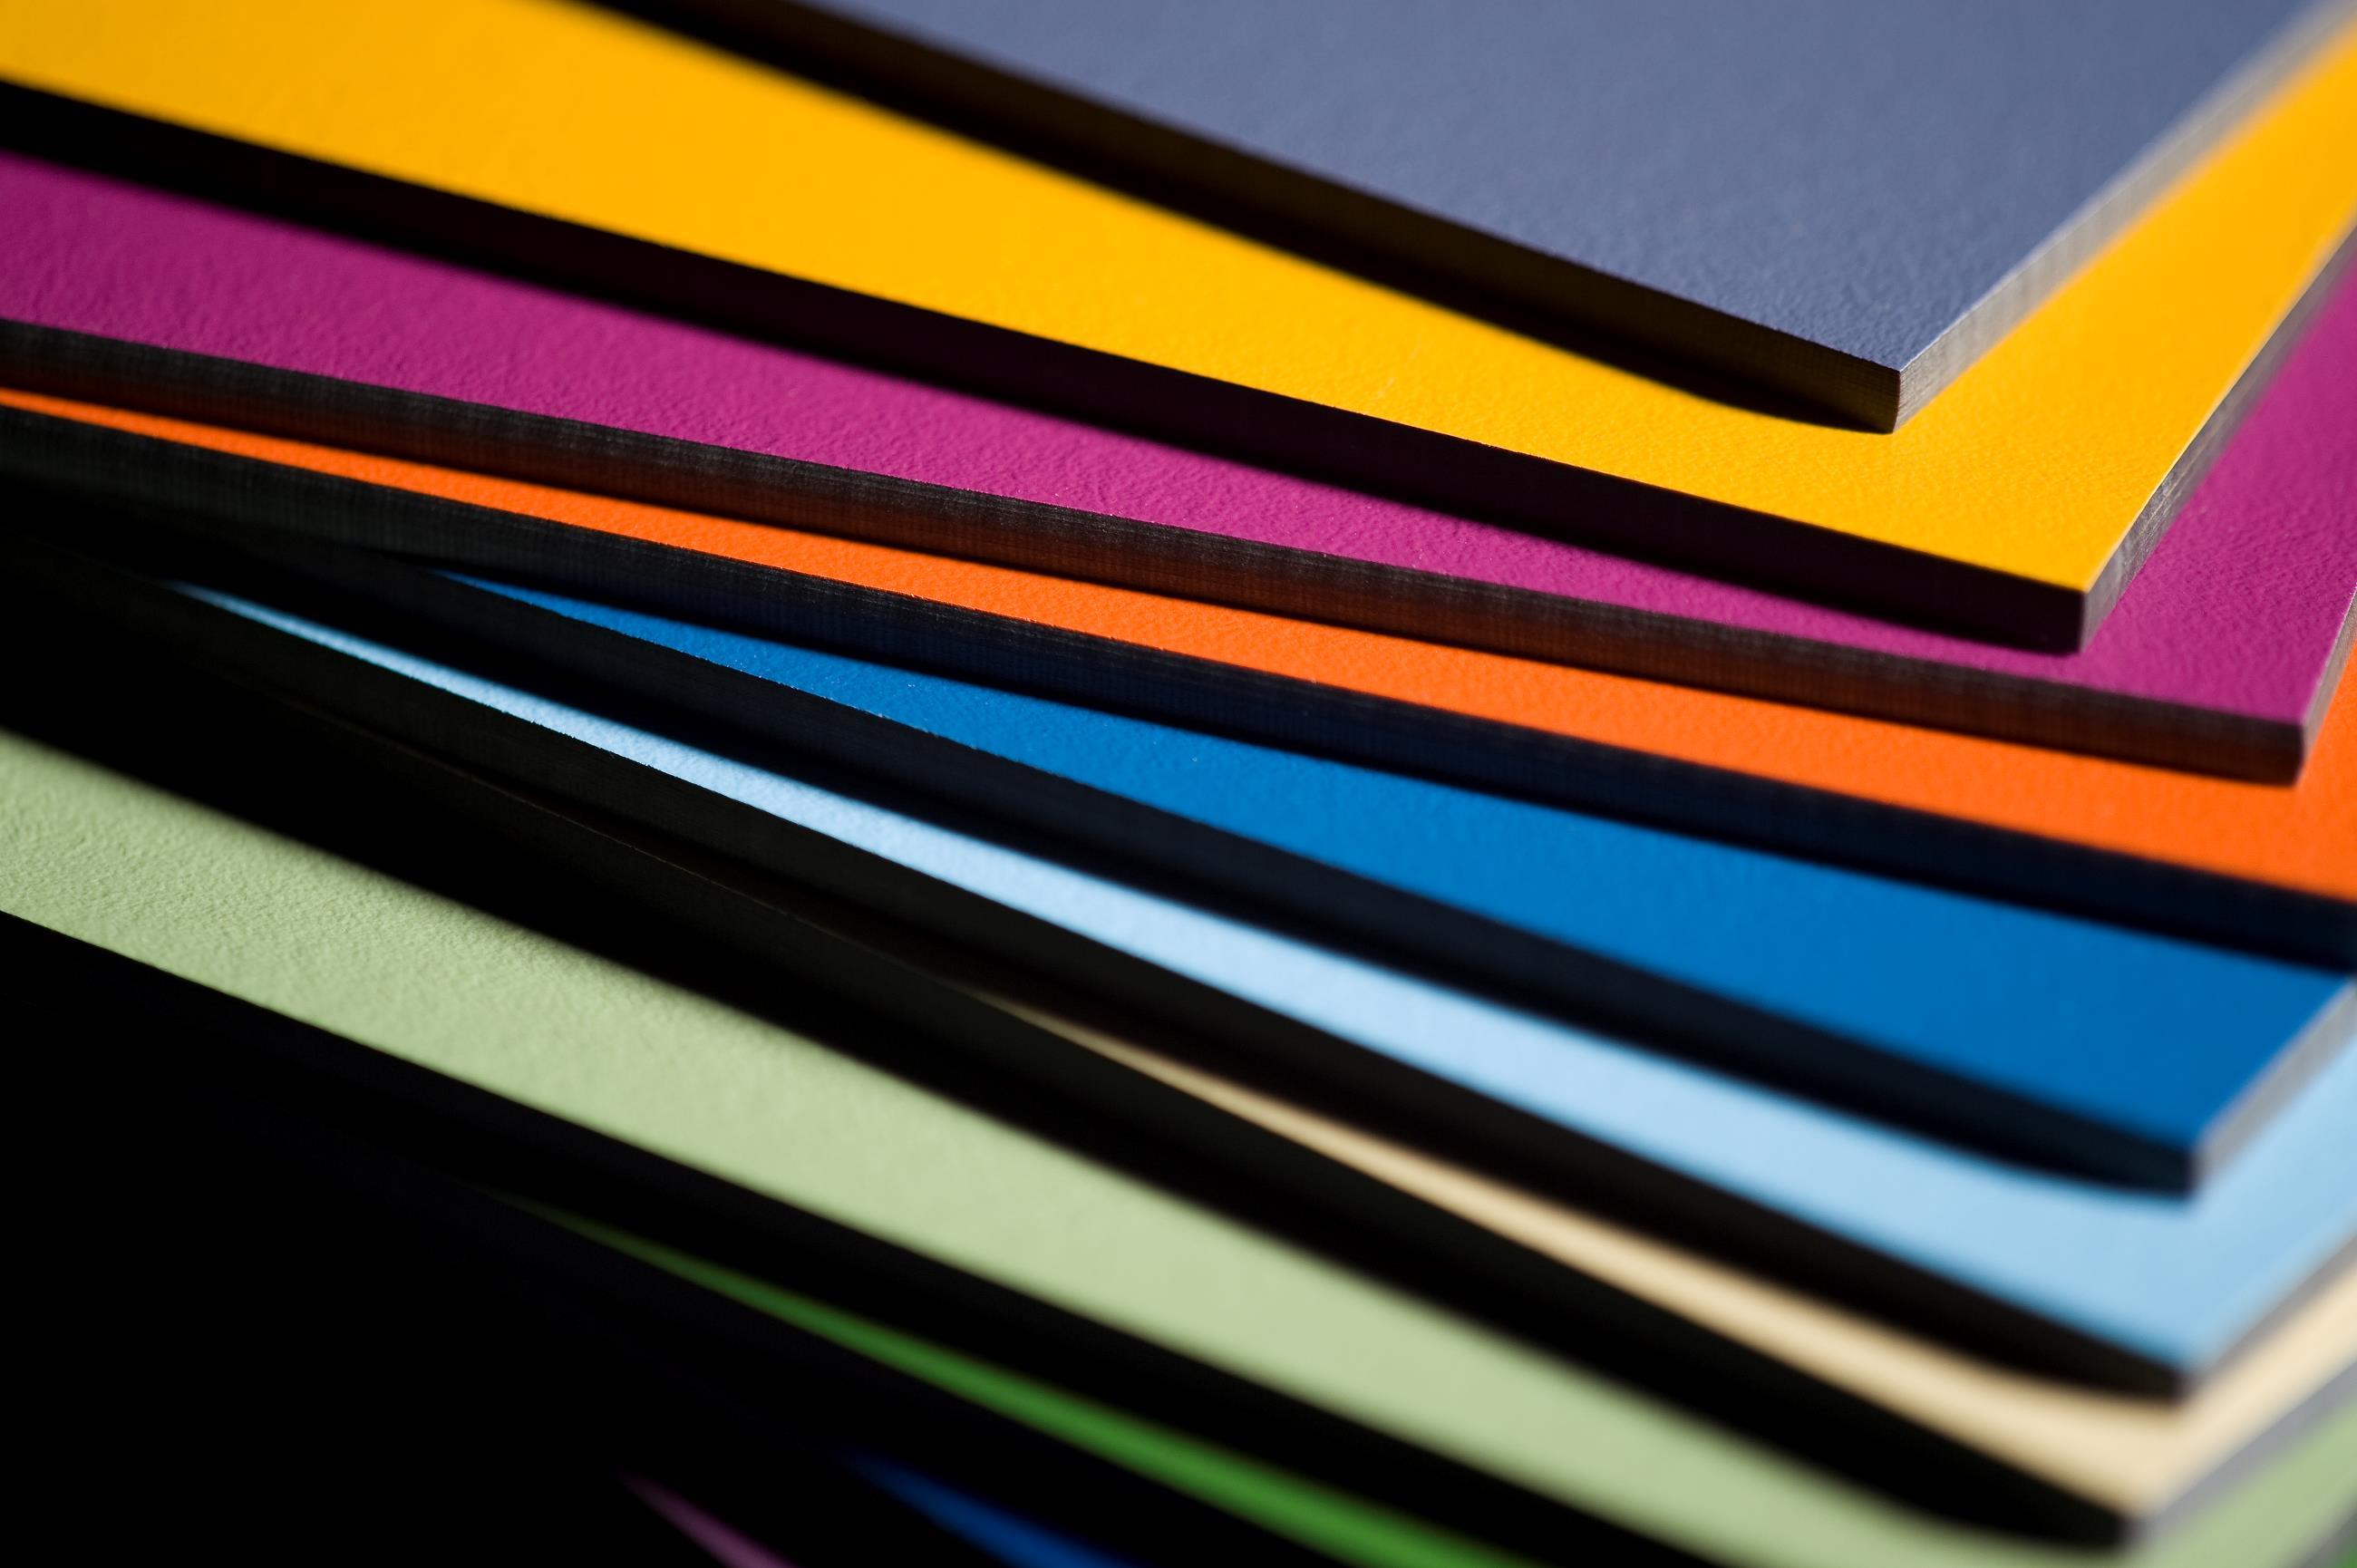 Trespa 174 Meteon 174 Uni Colours By Trespa Archello